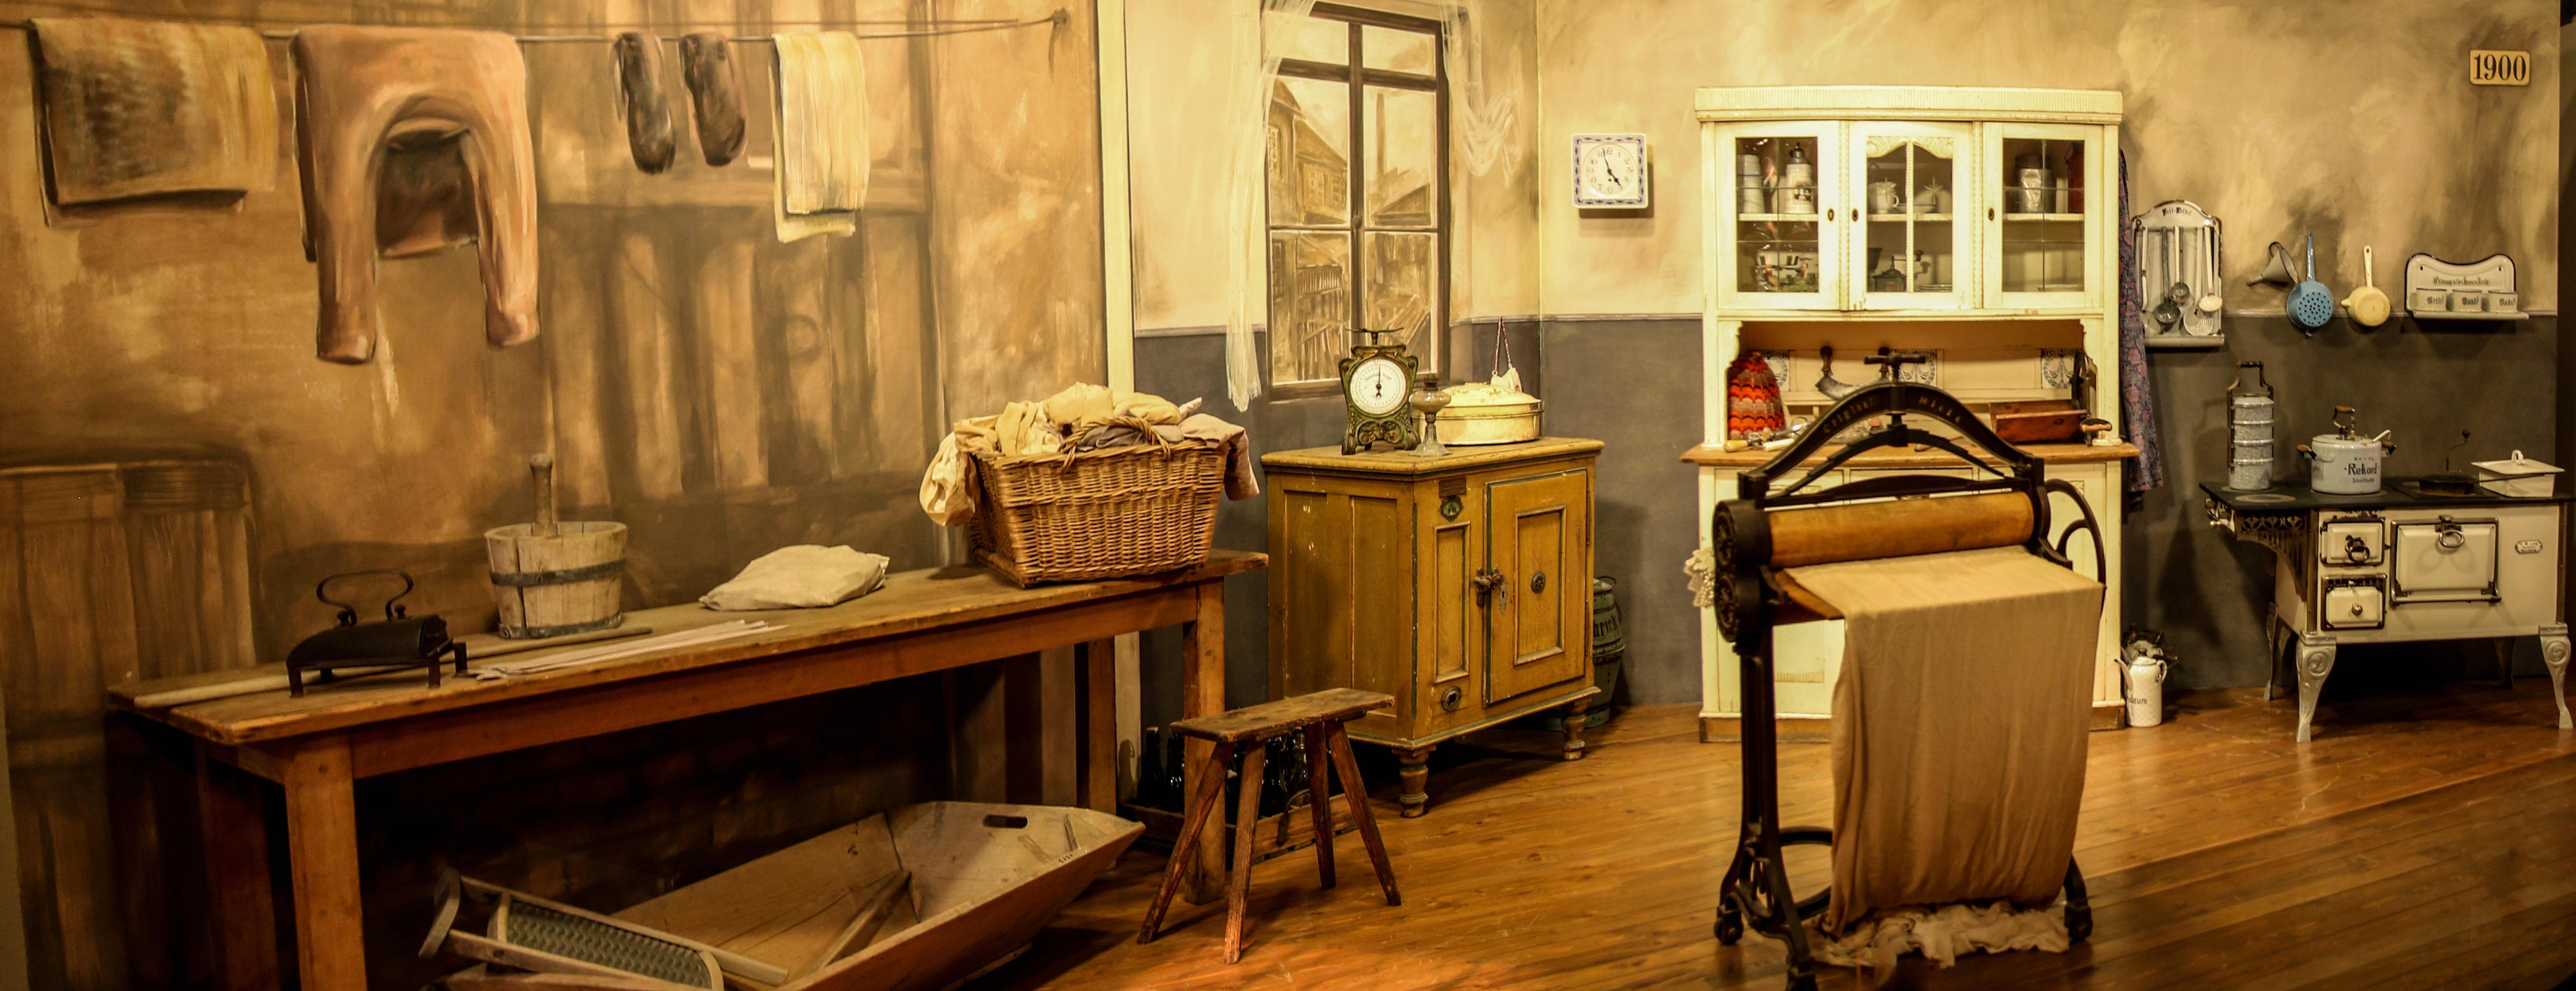 Fotos gratis : madera, antiguo, casa, cocina, nostalgia, mueble ...